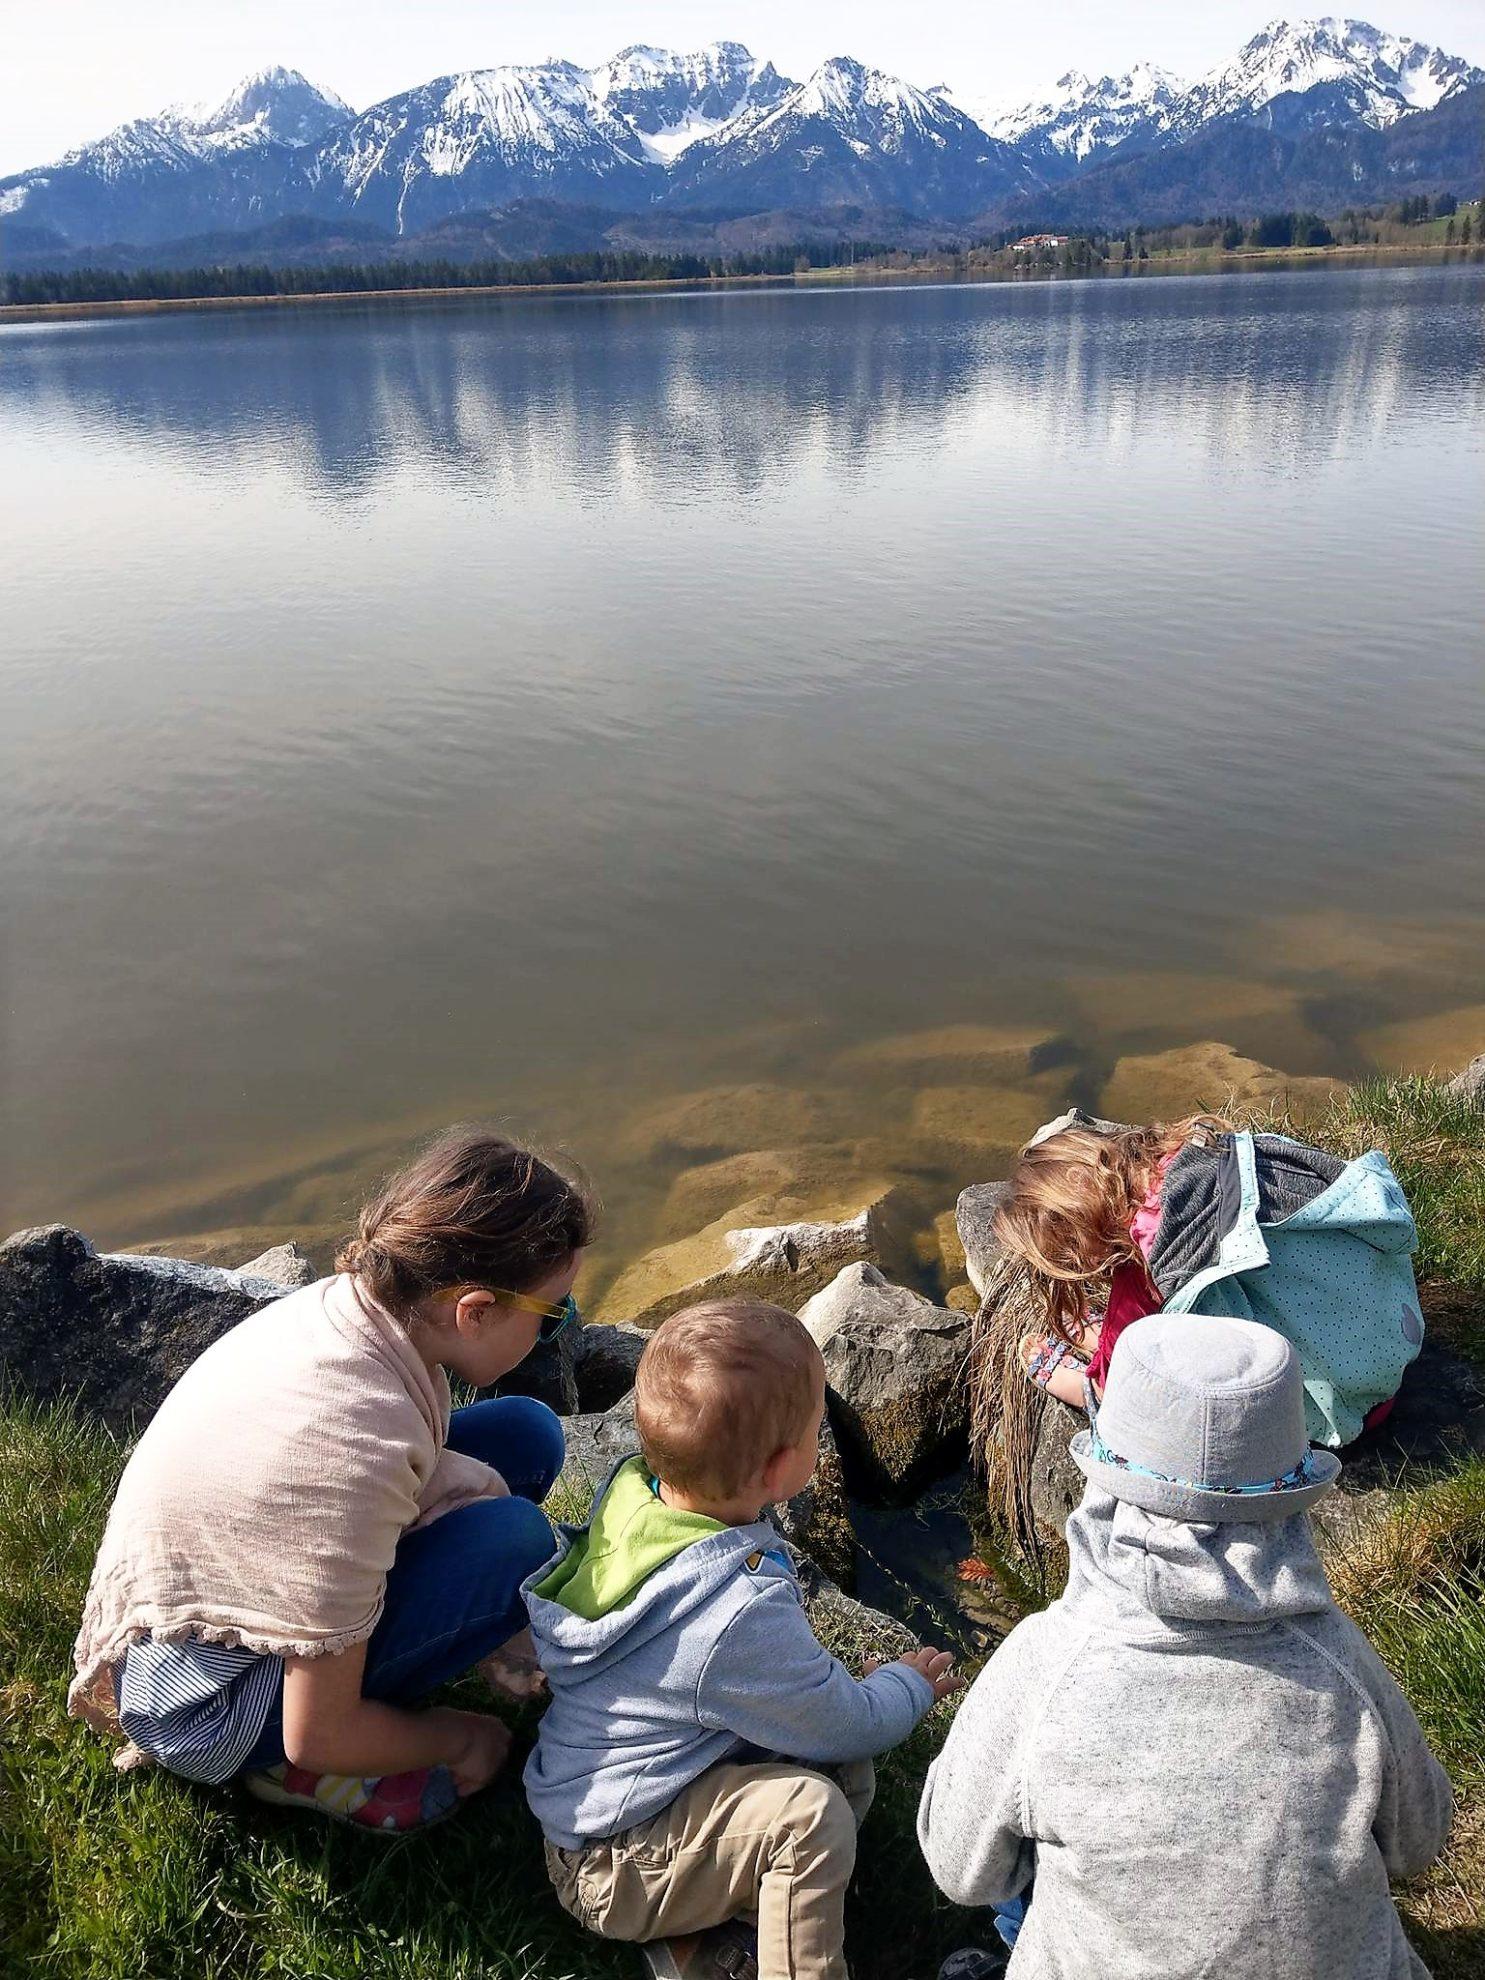 Der Blick auf die Berge, während die Kinder im Wasser nach Süßwassermuscheln suchen, ist einen Tagesausflug an den Hopfensee wert!